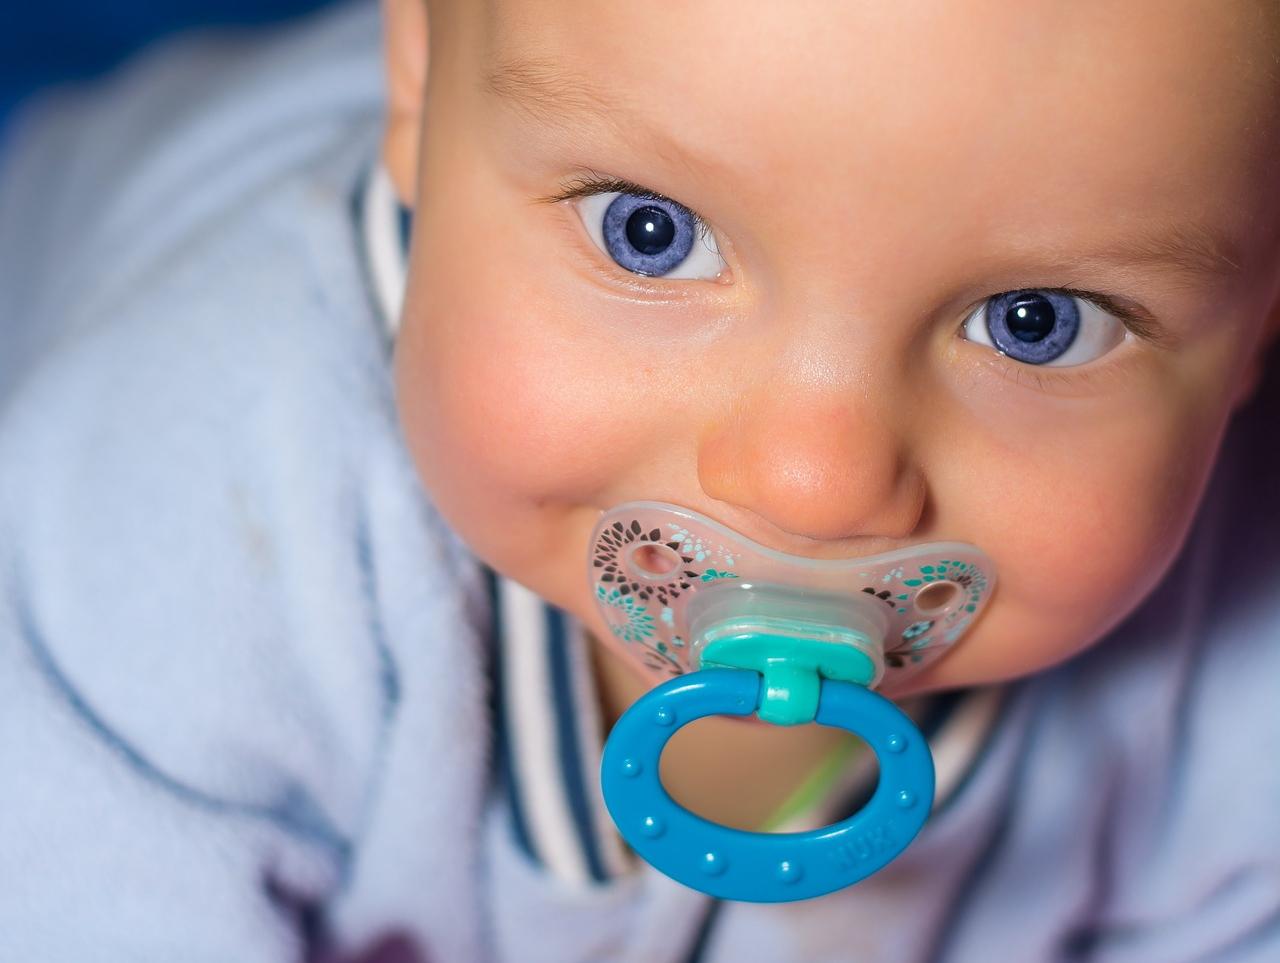 kék szemű kisbaba cumival a szájában